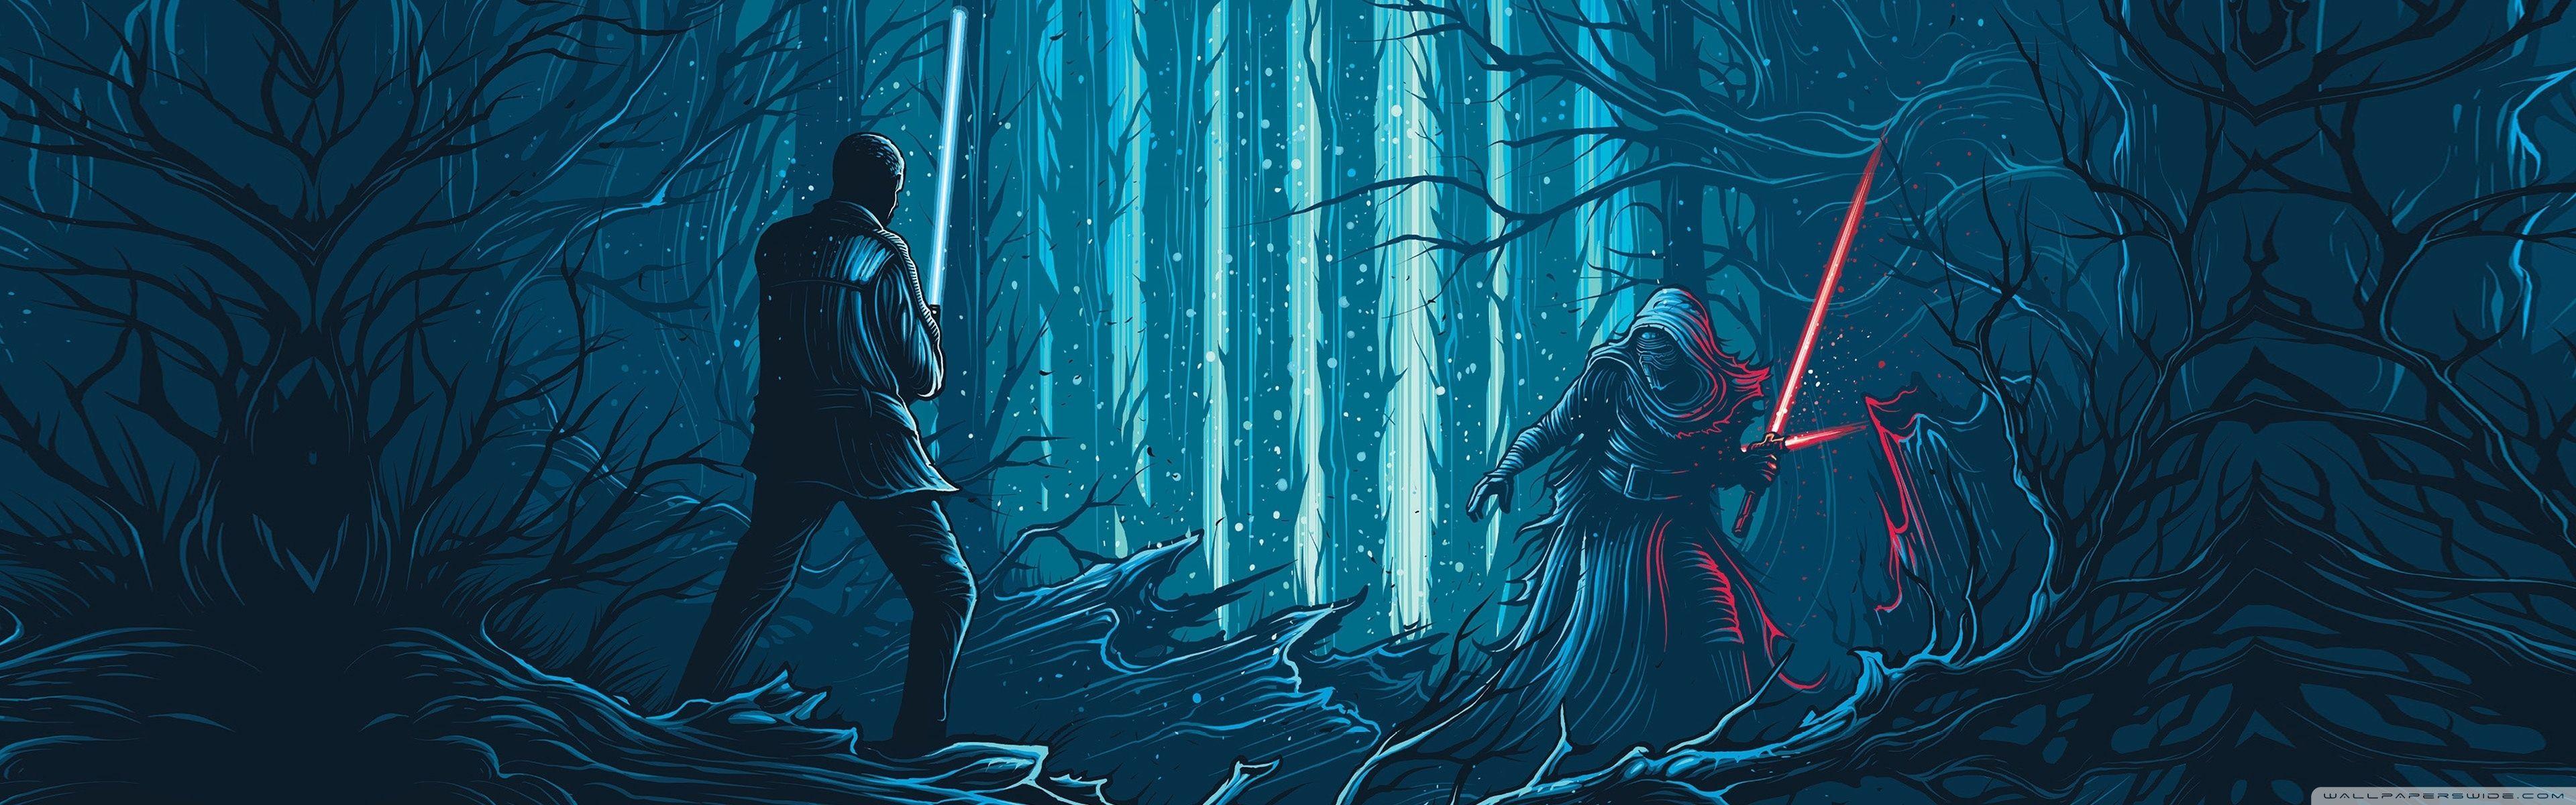 10 Top Star Wars Dual Monitor Wallpaper 3840x1200 Full Hd 1920 1080 For Pc Desktop Starwarswallpaper Dual Monitor Wallpaper Star Wars Art Star Wars Wallpaper